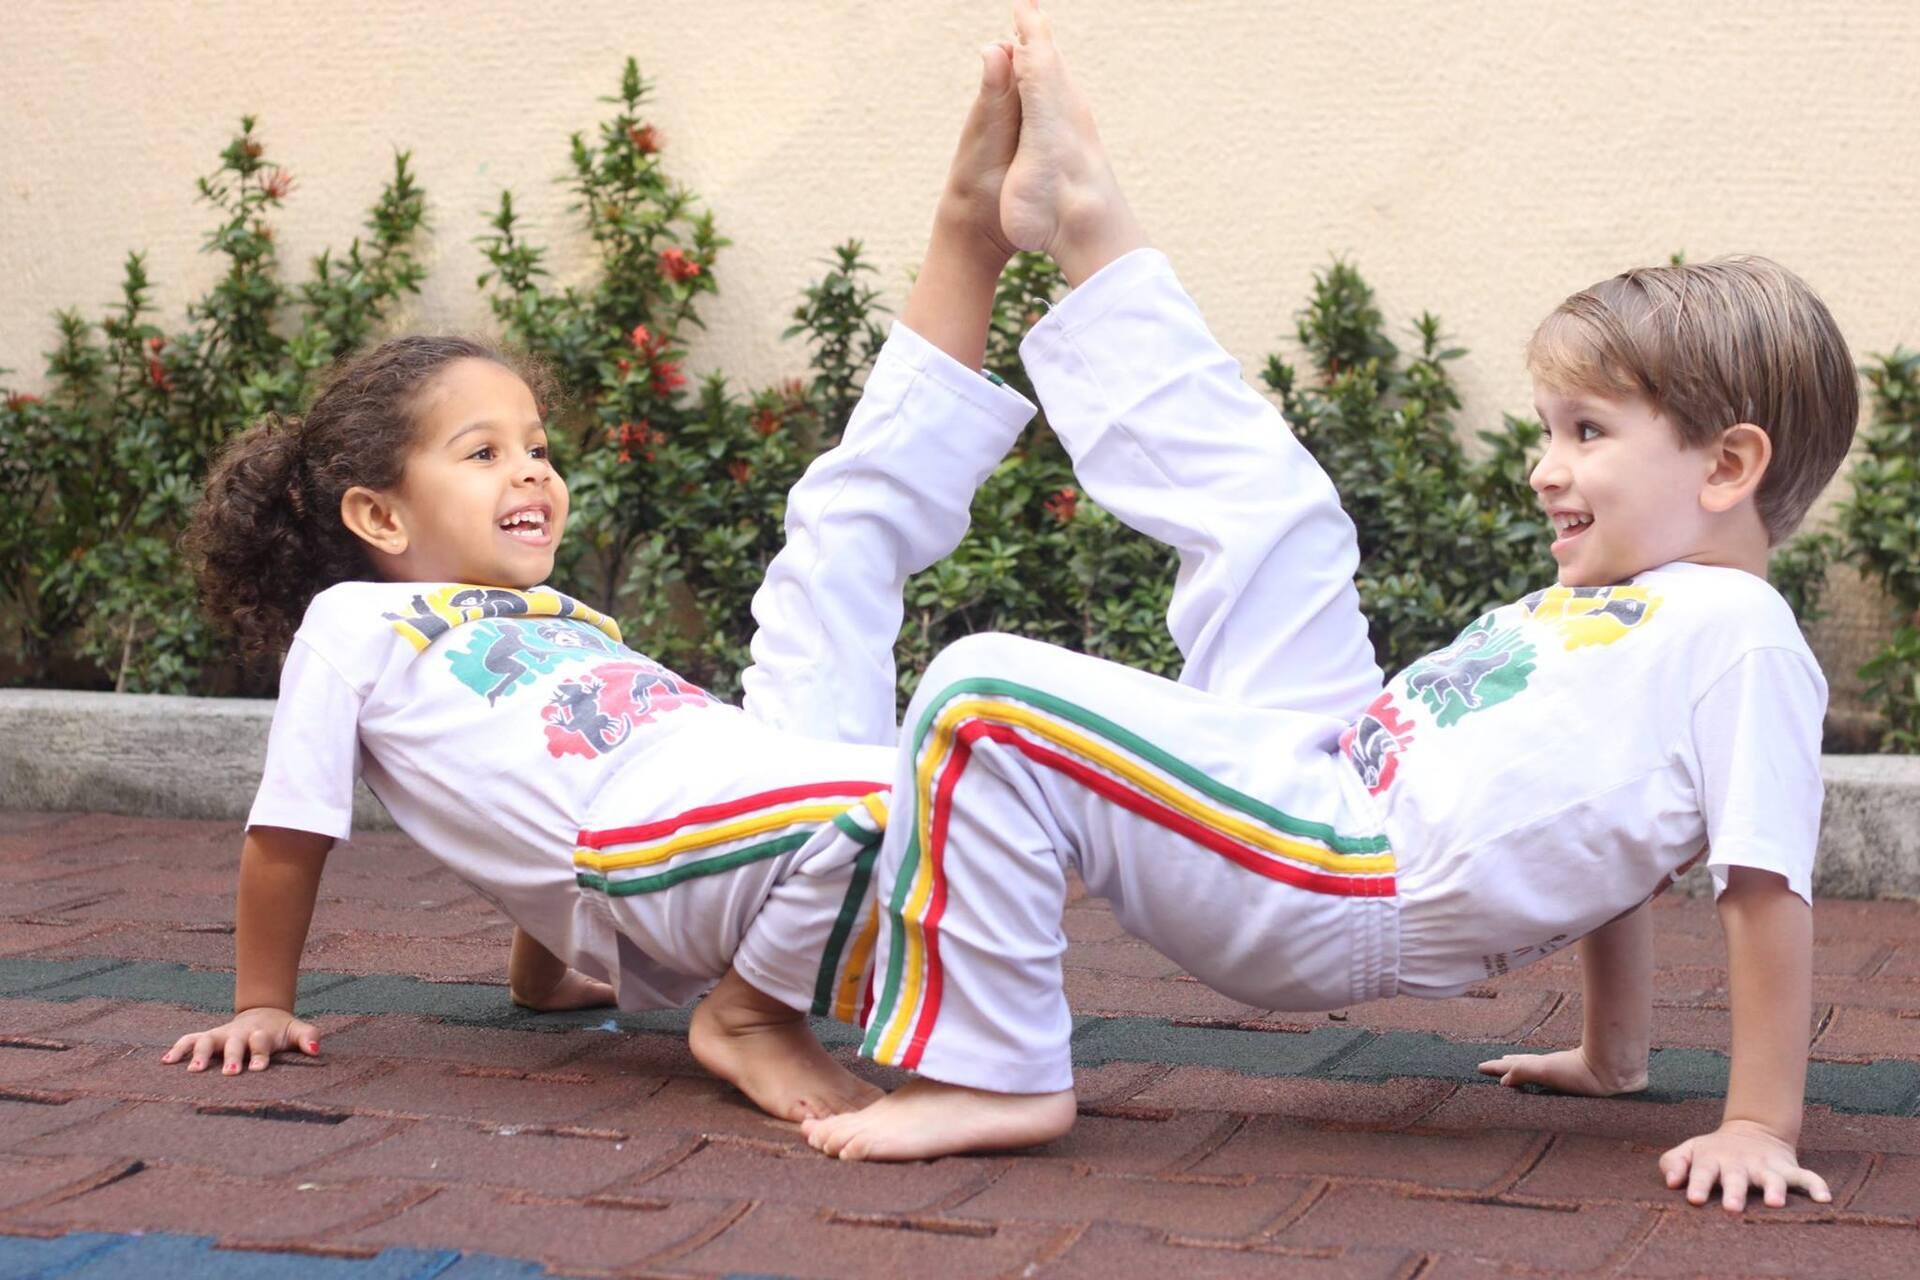 """5865b2d68af75 """"Levando em conta que a criança apreende o mundo através da experiência  concreta, a Capoeira se revela um meio privilegiado de aprendizagem por  colocar a ..."""